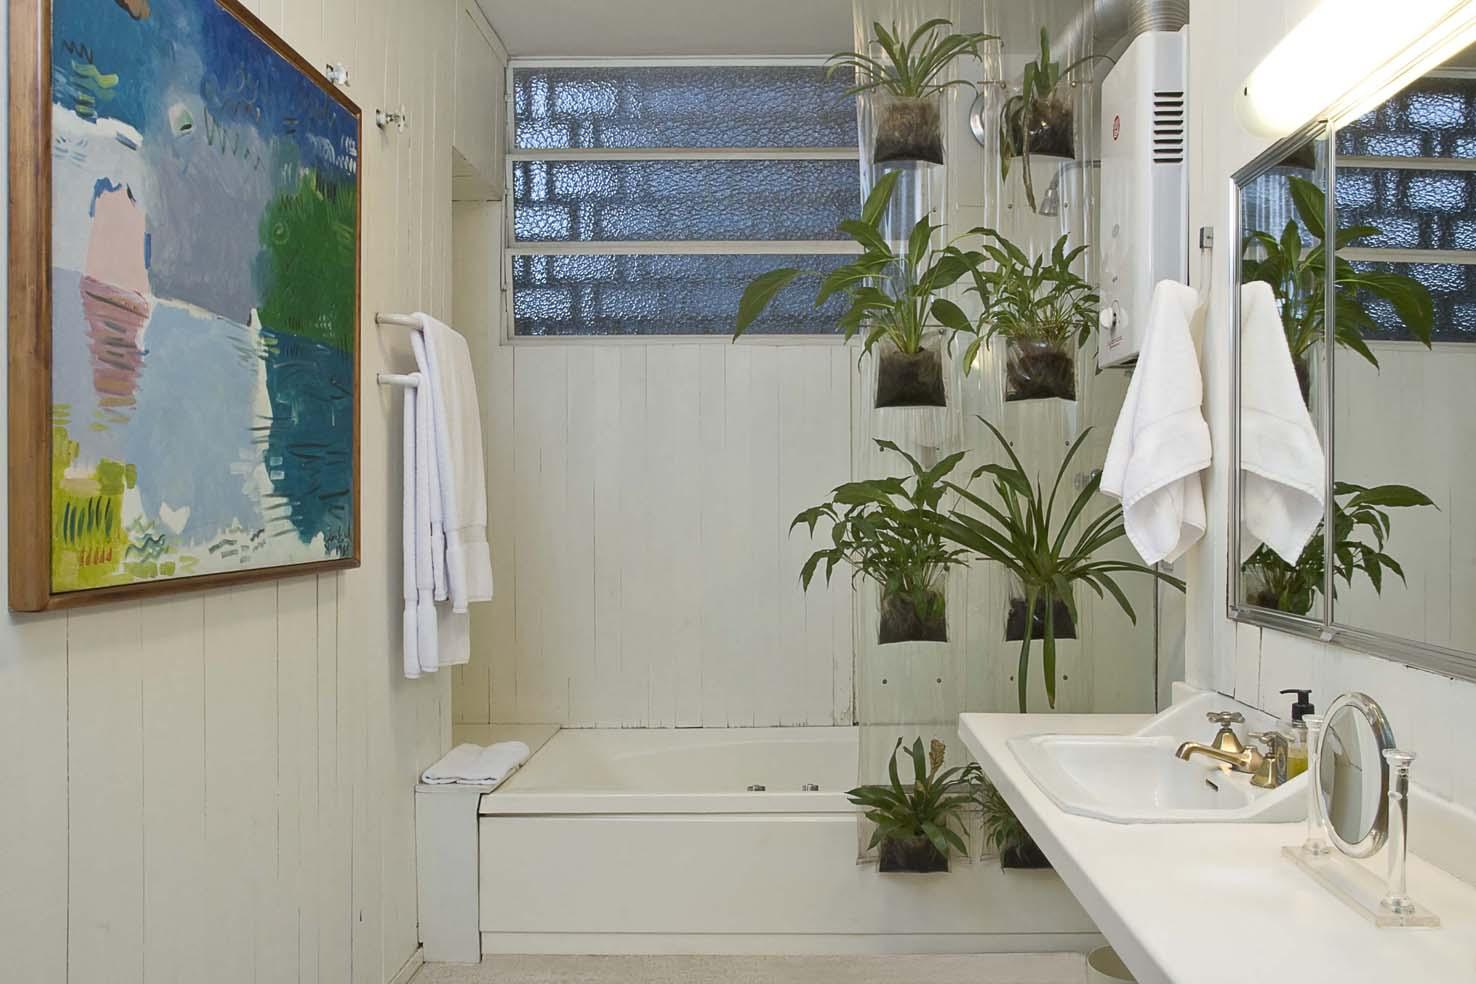 Na falta de espaço foi adaptado um jardim vertical no box adaptado  #664D2F 1476x984 Banheiro Com Vista Para Jardim